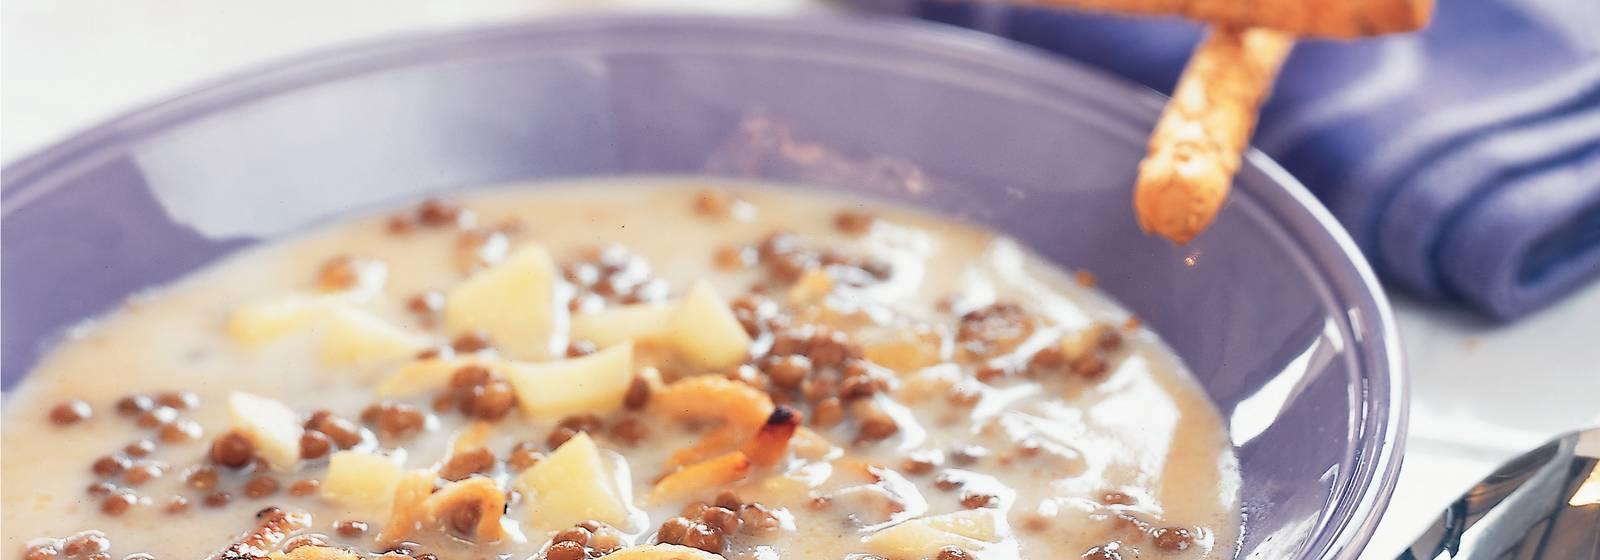 Mercimek-hindistancevizi çorbası türkiye